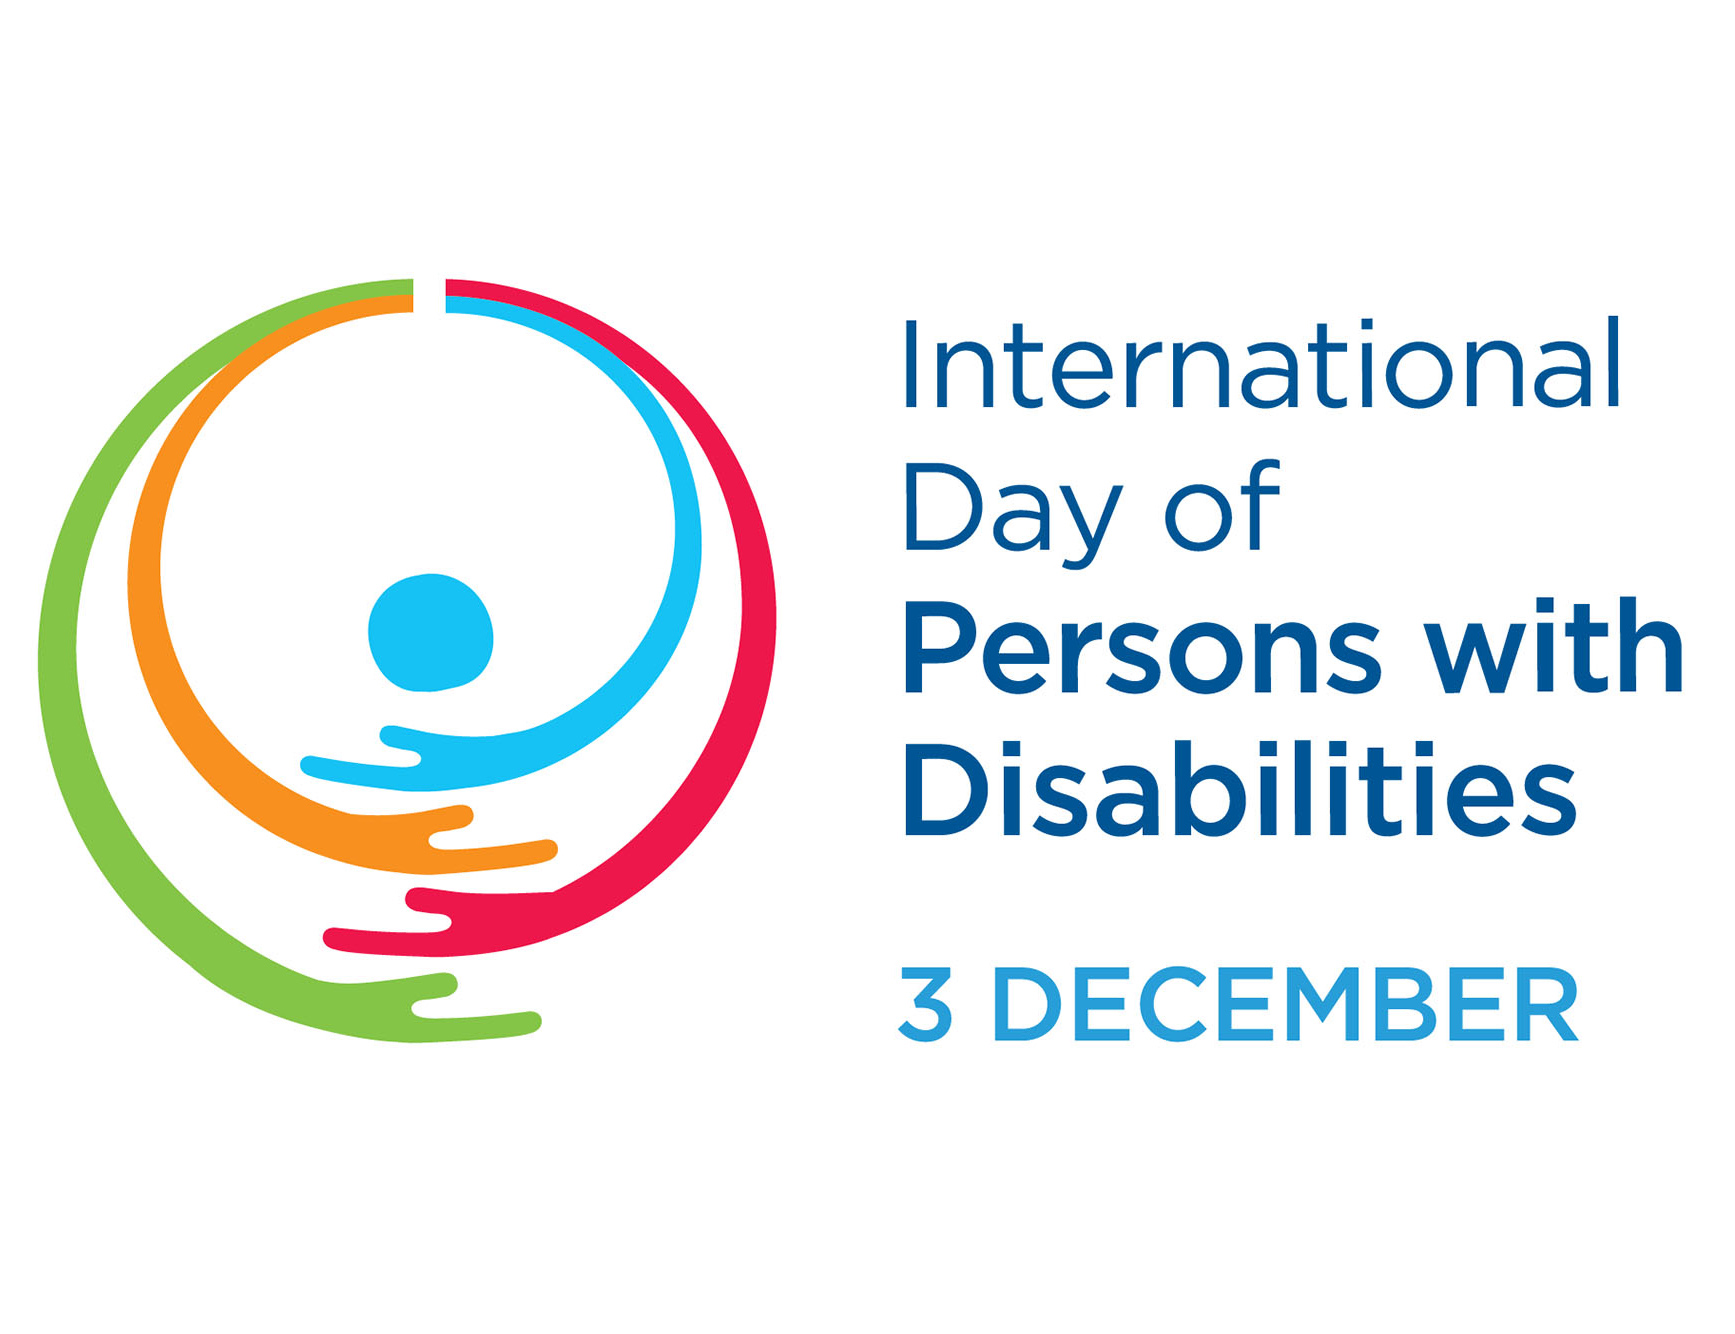 3 dicembre Giornata internazionale dei diritti delle persone con disabilità